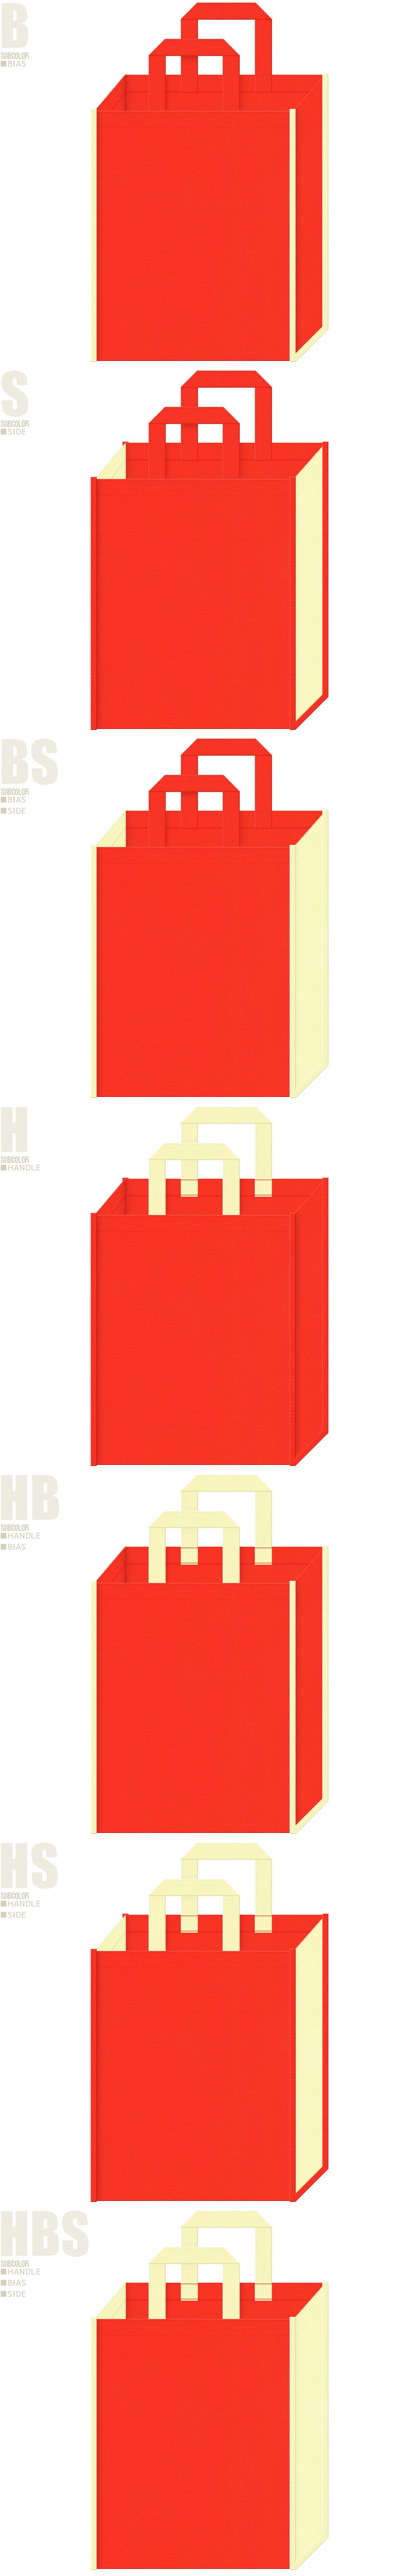 オレンジ色と淡黄色-7パターンの不織布トートバッグ配色デザイン例-お料理教室・ランチバッグにお奨めです。